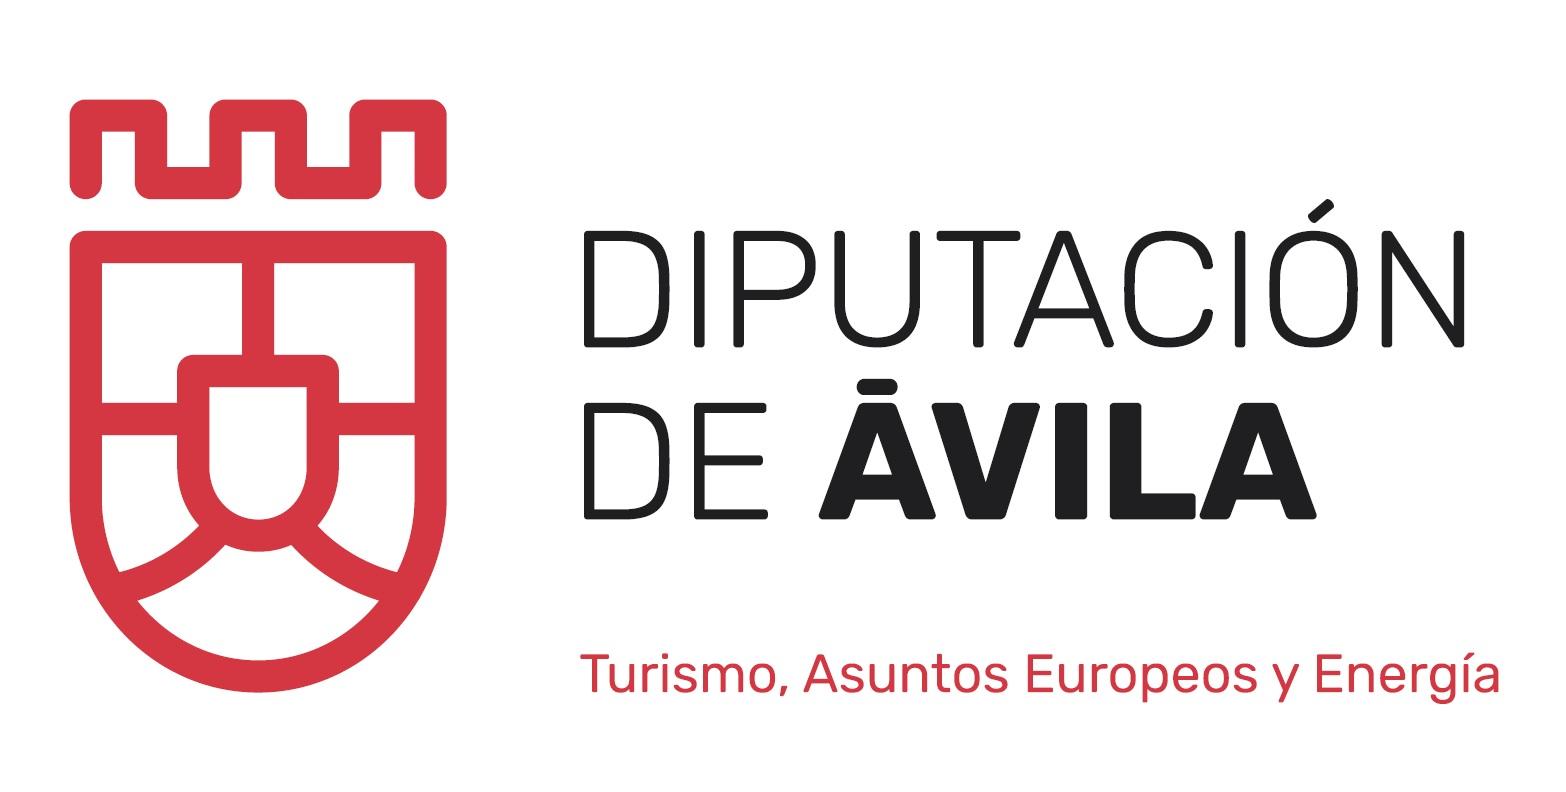 Logotipo de la Diputación de Ávila. Turismo, Asuntos Europeos y Energía